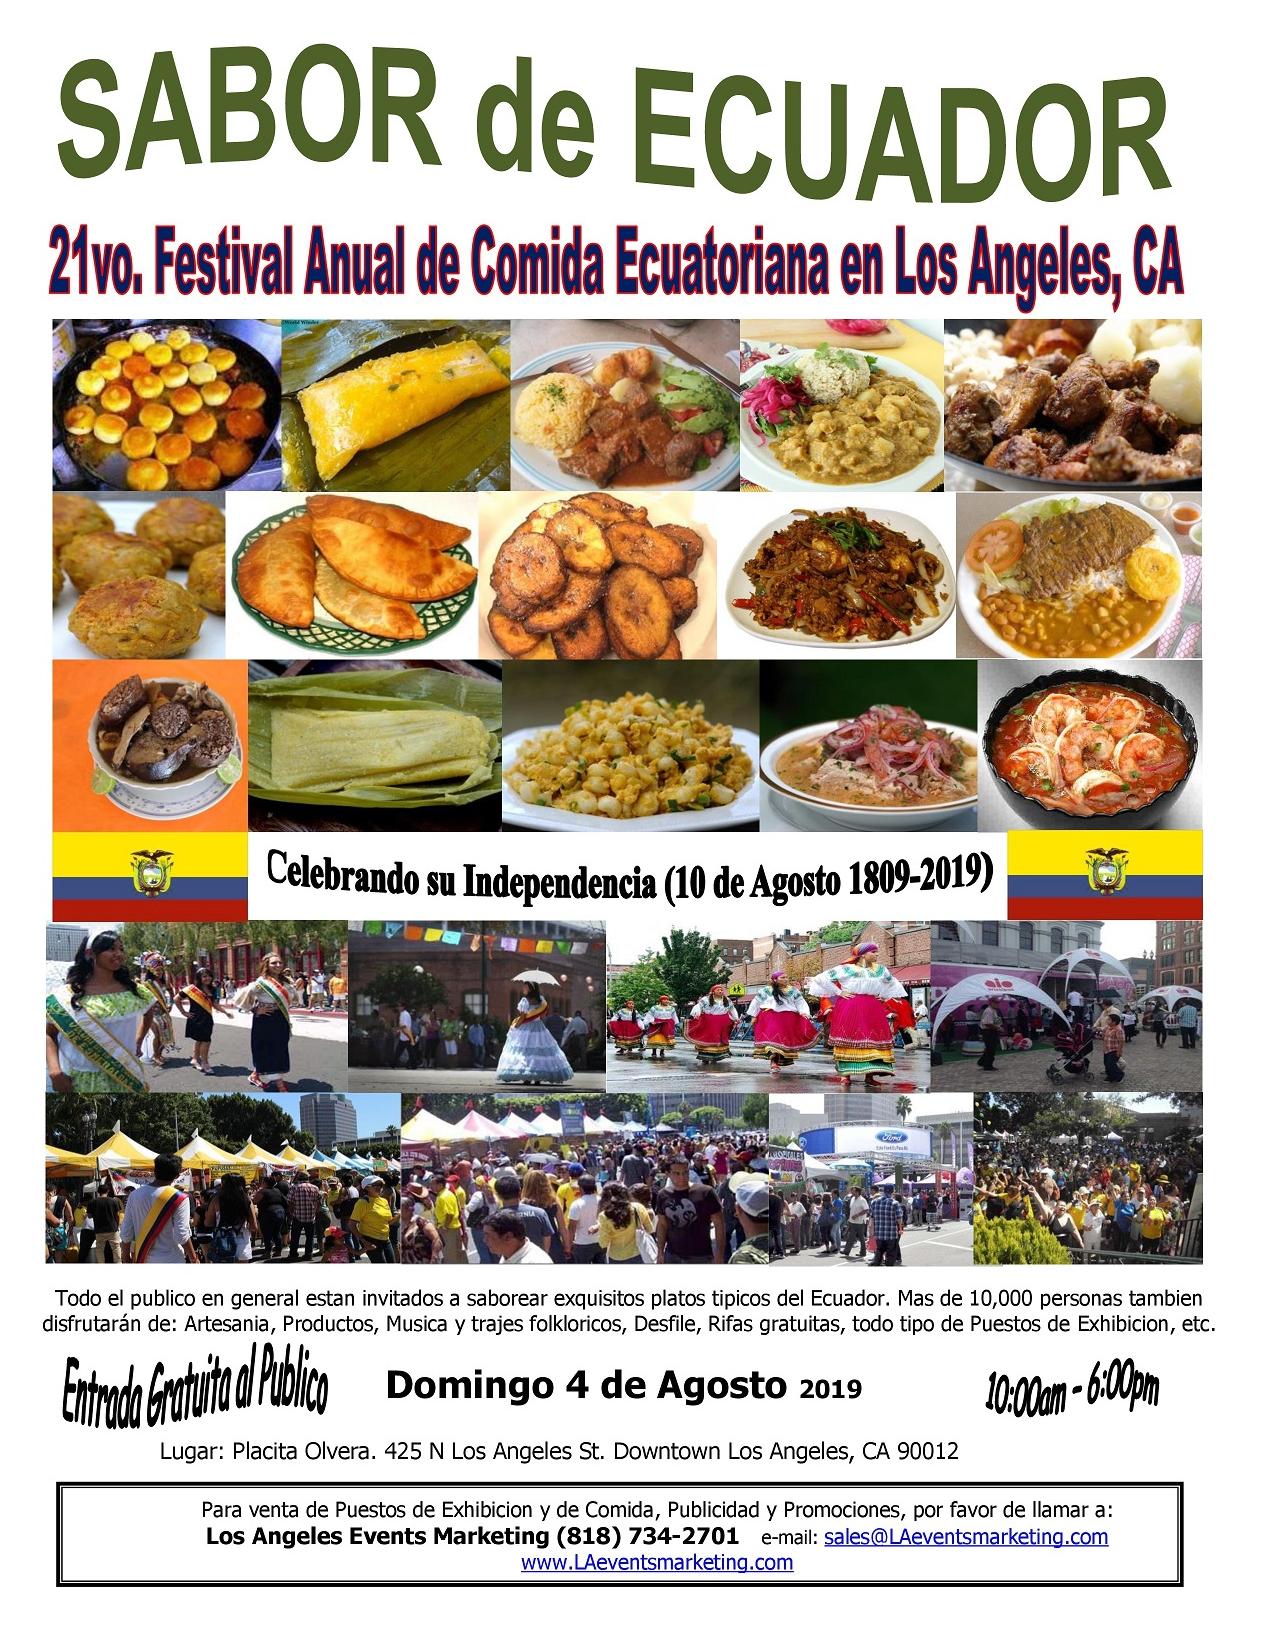 21avo. Festival y Desfile Ecuatoriano – Domingo 4 de Agosto 2019 – Placita Olvera in Downtown Los Angeles